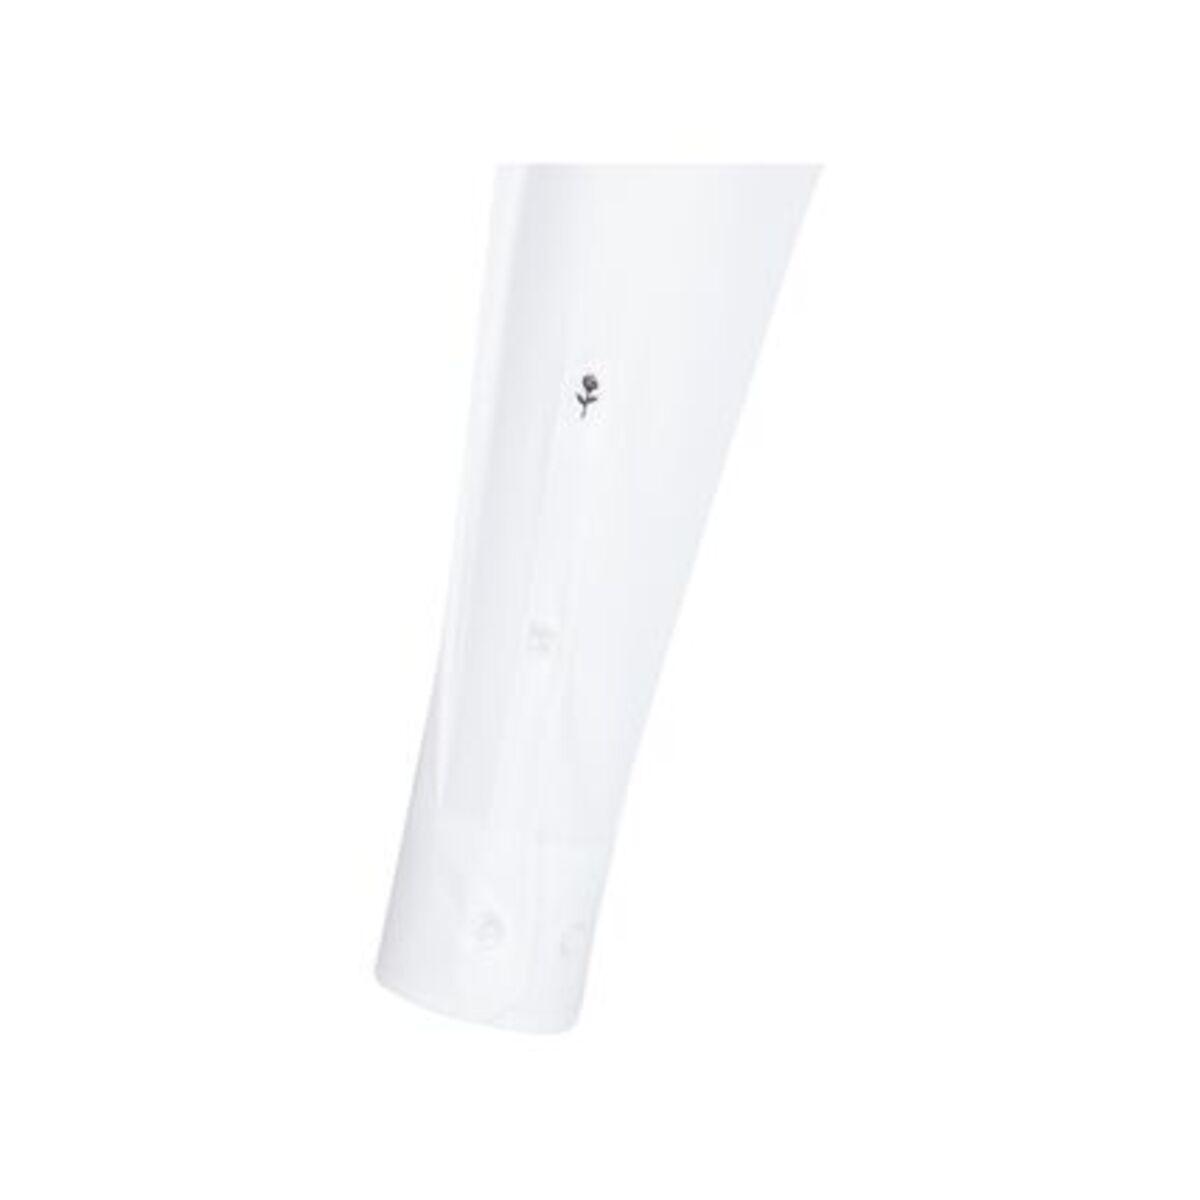 Bild 1 von Seidensticker Business Hemd Modern Langarm Kentkragen Streifen, Weiß, weiß, 46, 46